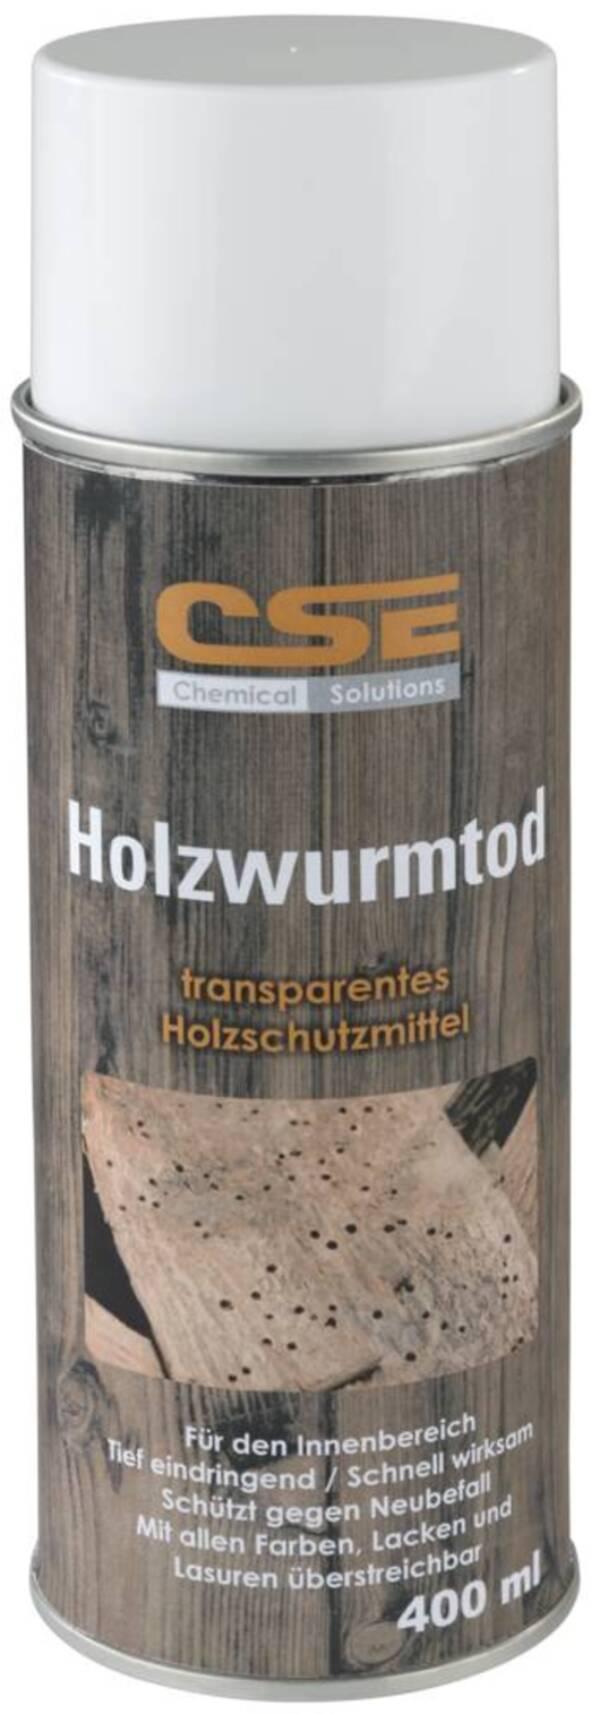 Holzwurmtod  - Spraydose  400 ml